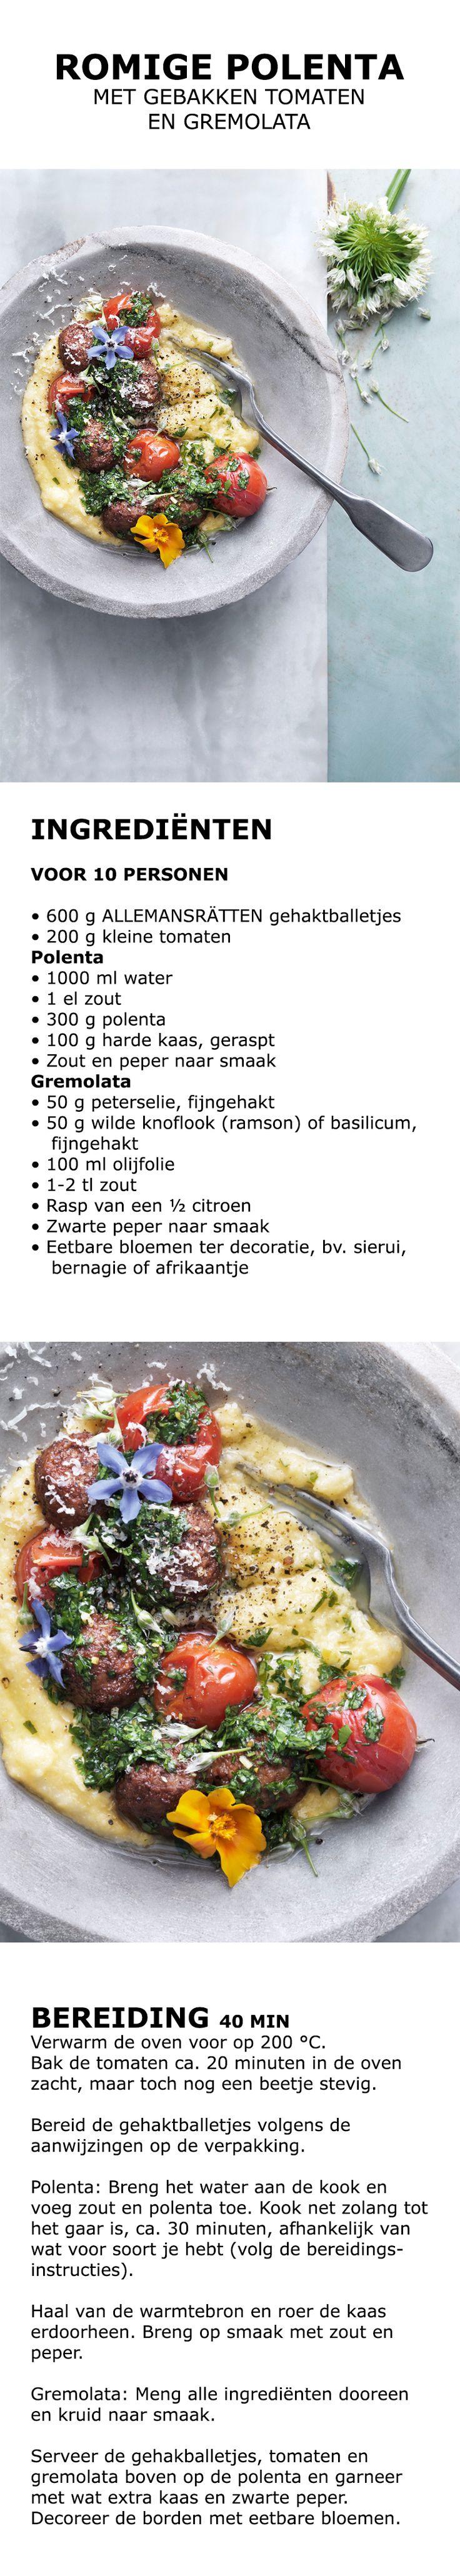 Inspiratie voor de feestdagen - Romige polenta met gebakken tomaten en gremolata   IKEA IKEAnederland koken keuken recept herfst winter kerst diner lunch witte wijn citroen eetbare bloemen